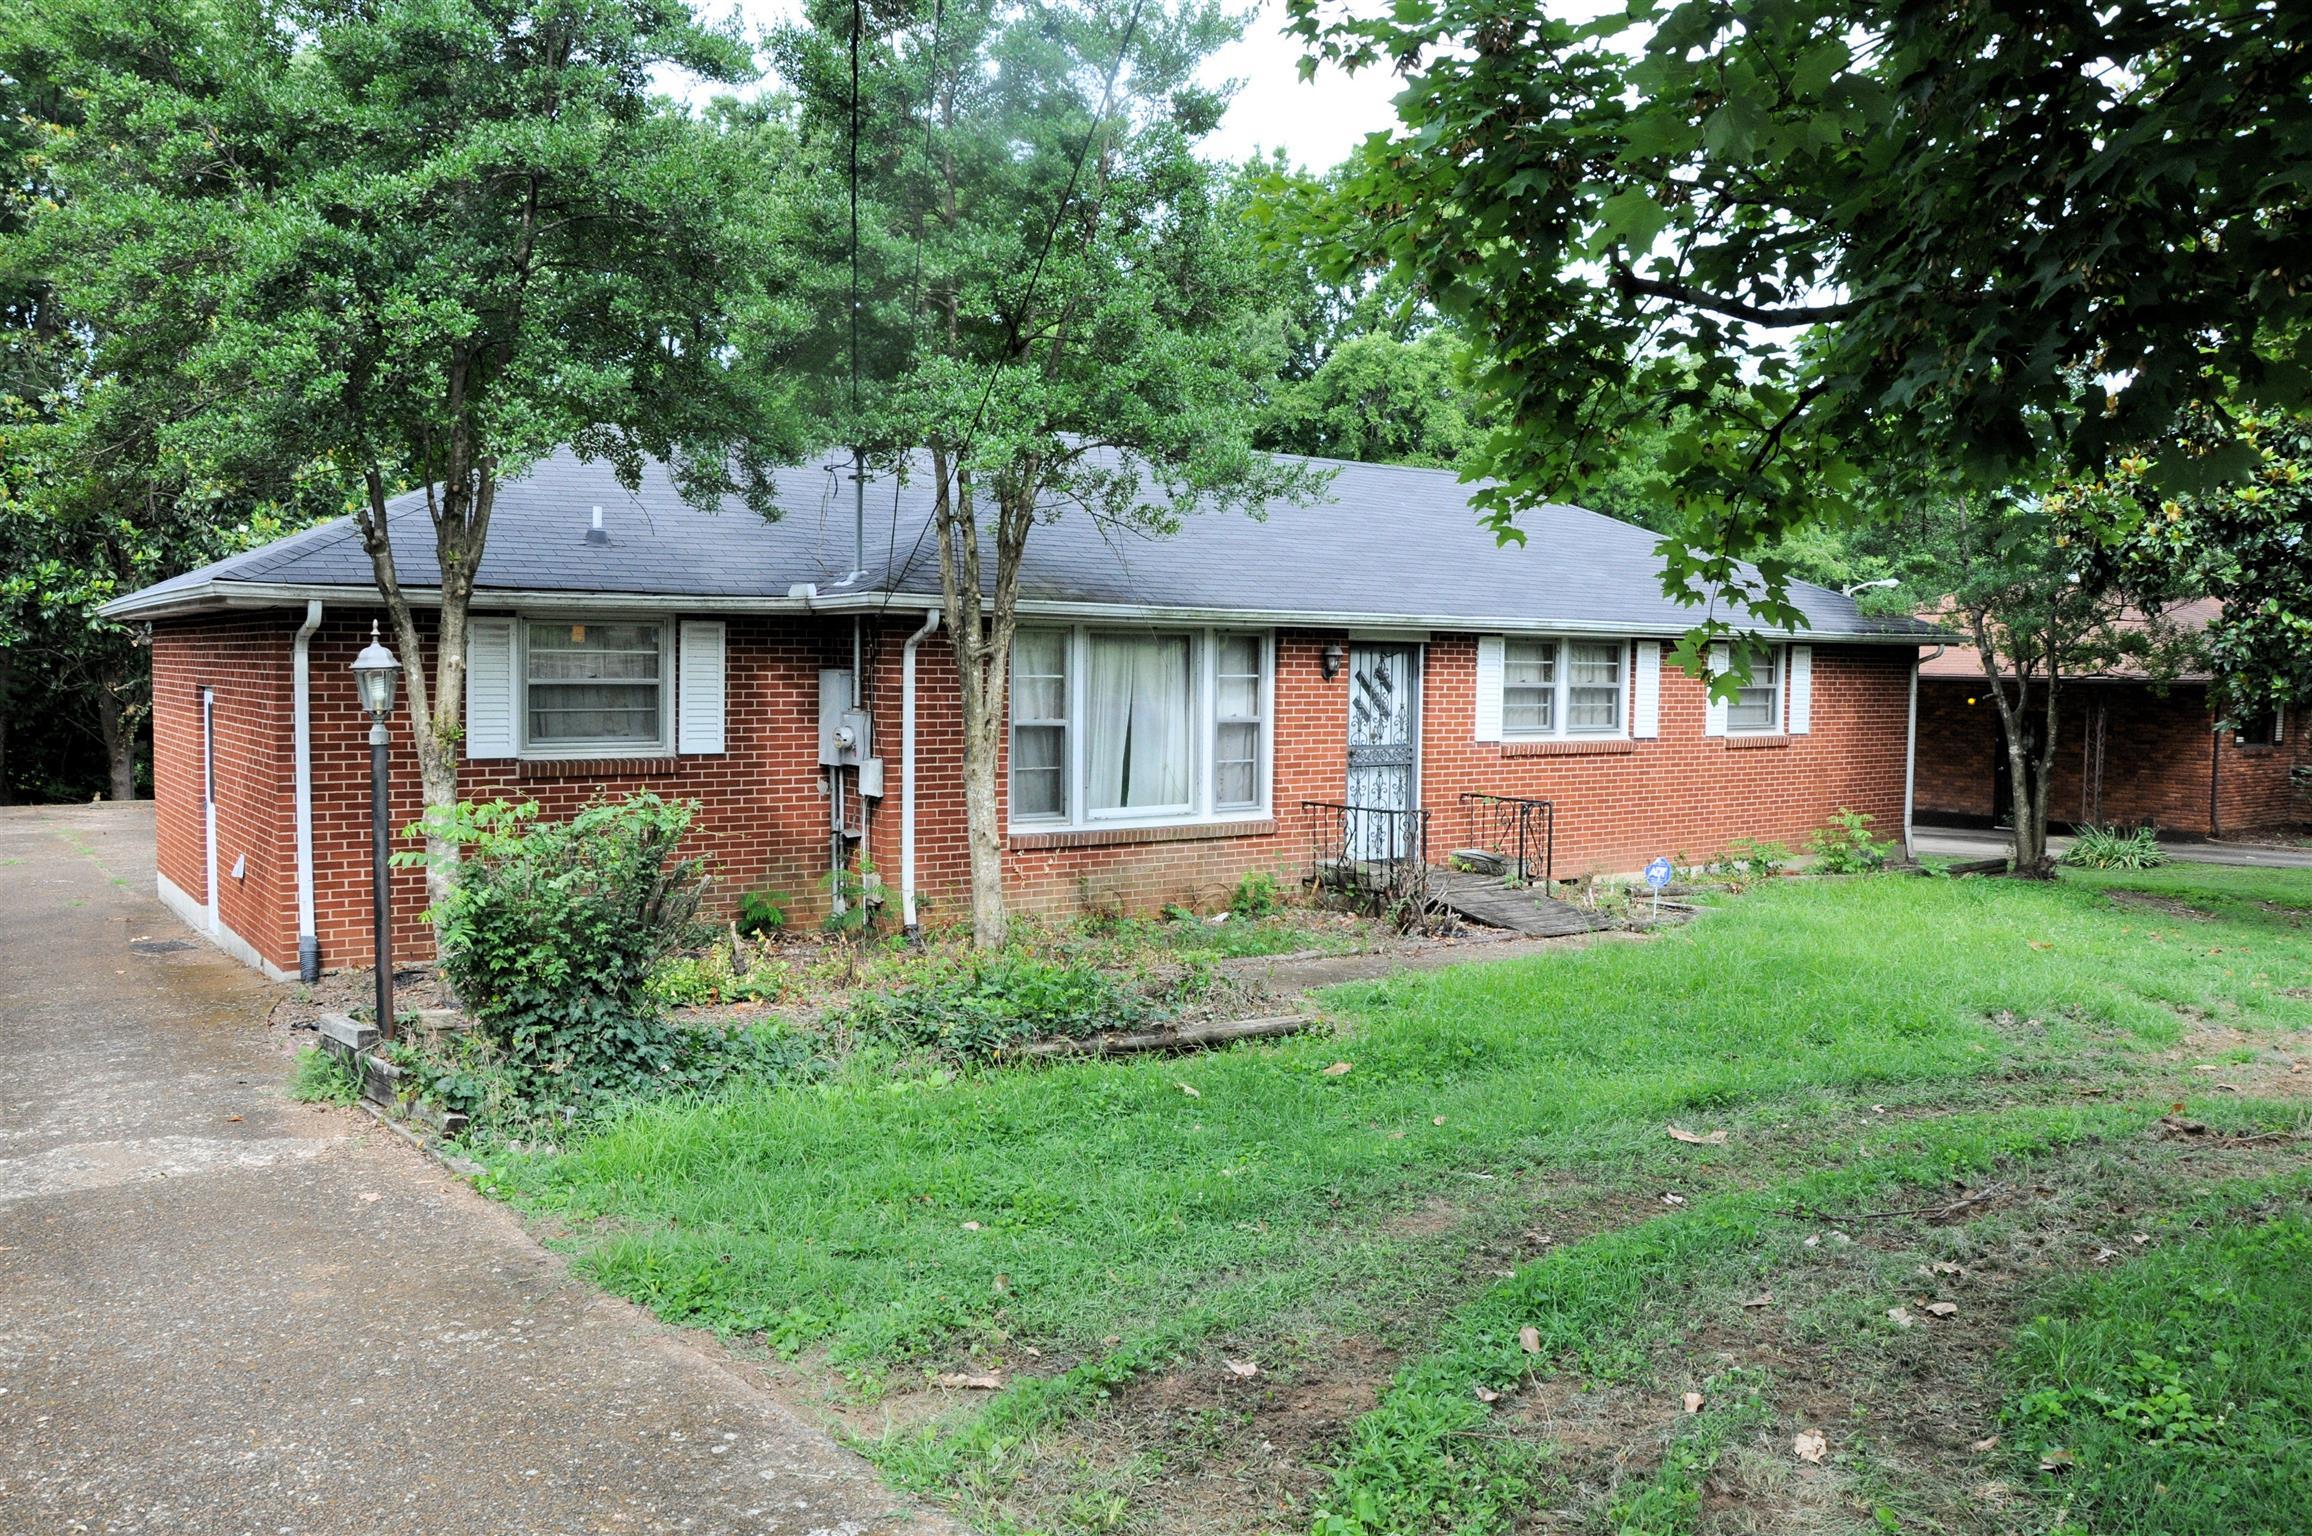 2905 Sunset Dr, Nashville, TN 37207 - Nashville, TN real estate listing